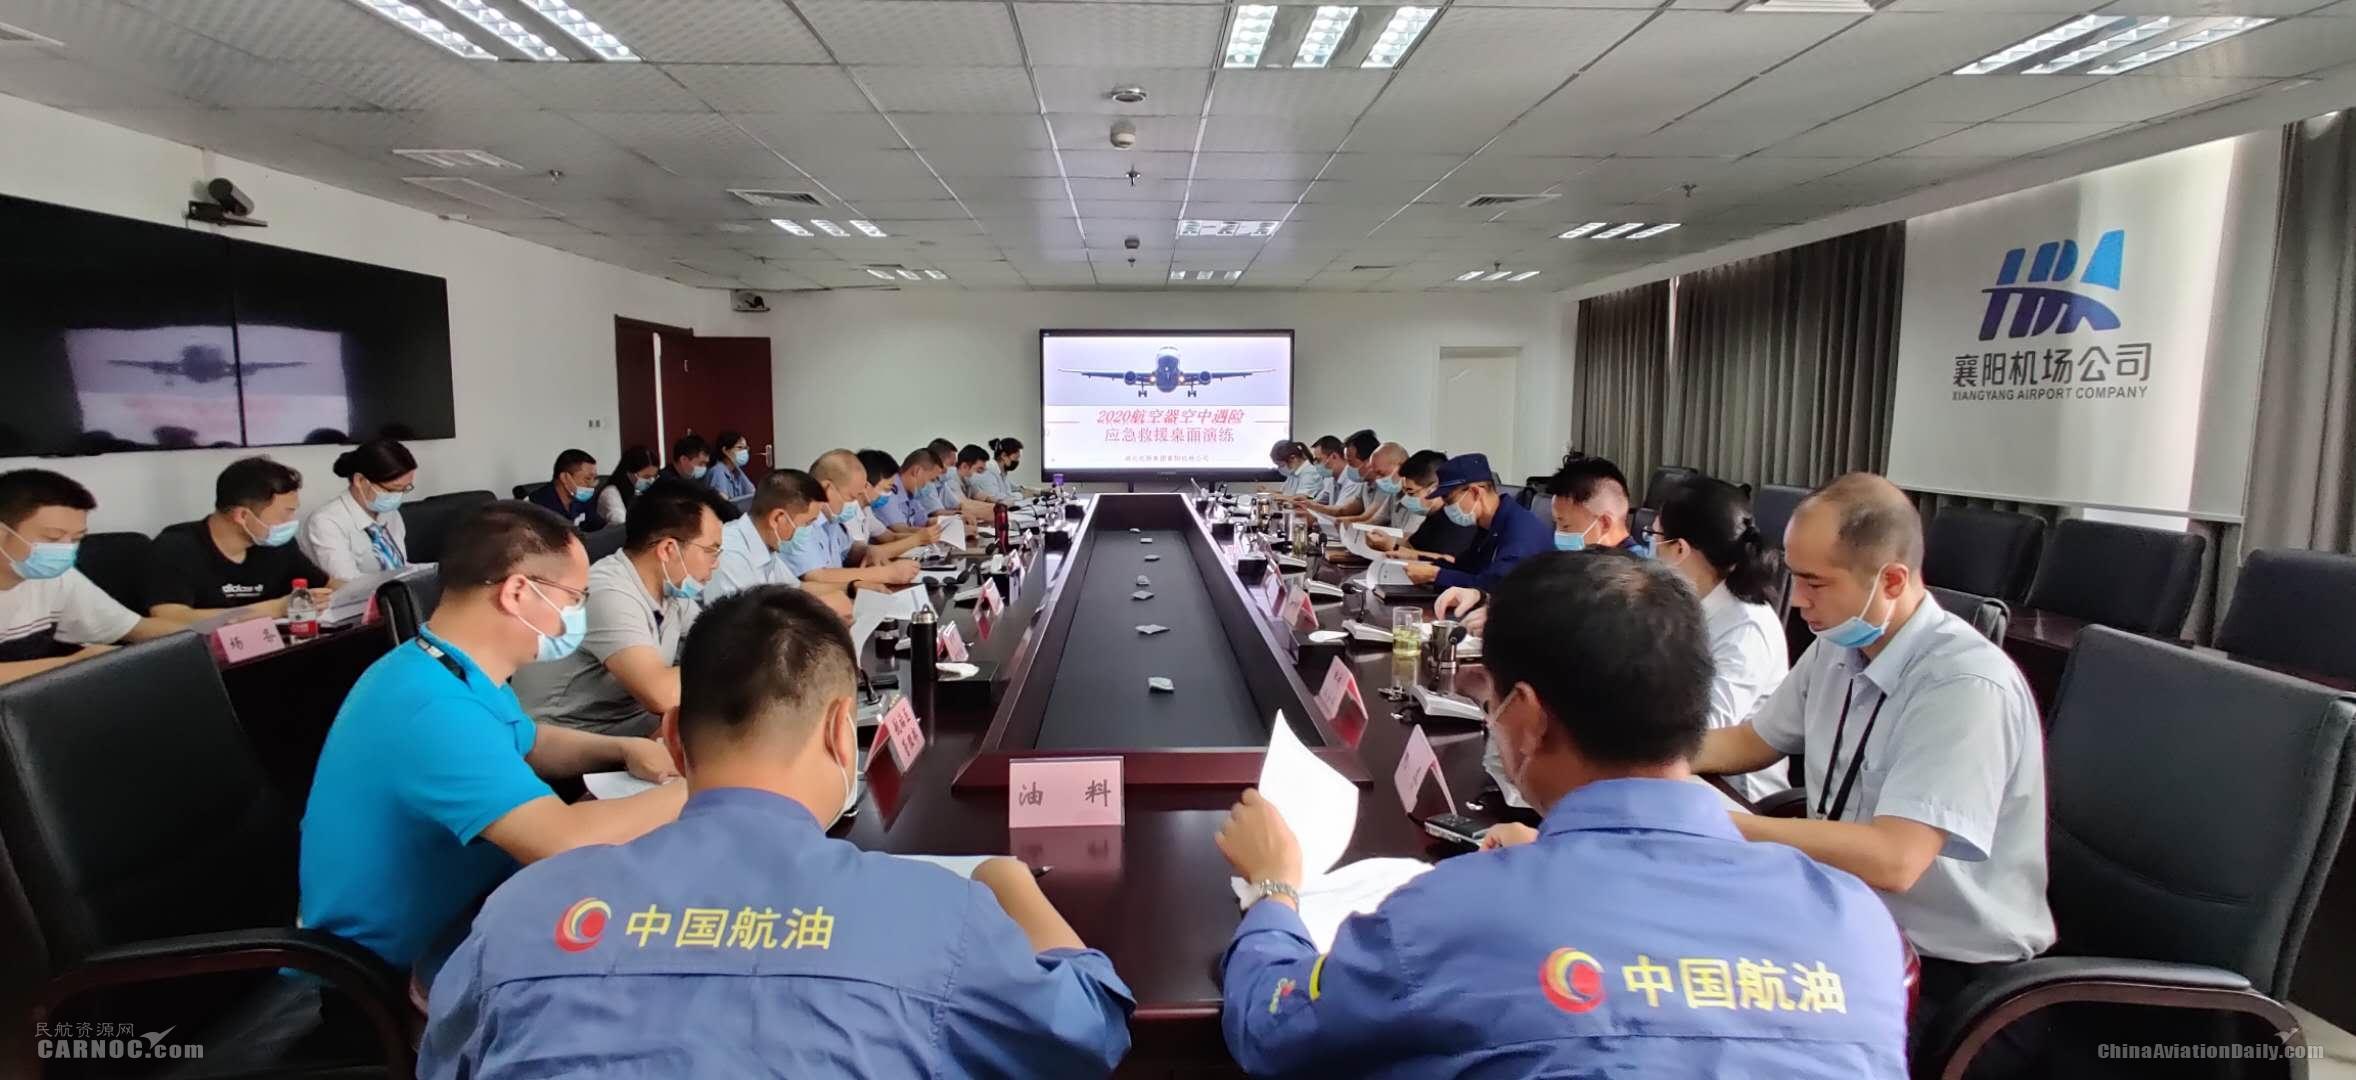 襄阳机场开展航空器空中遇险应急救援桌面演练